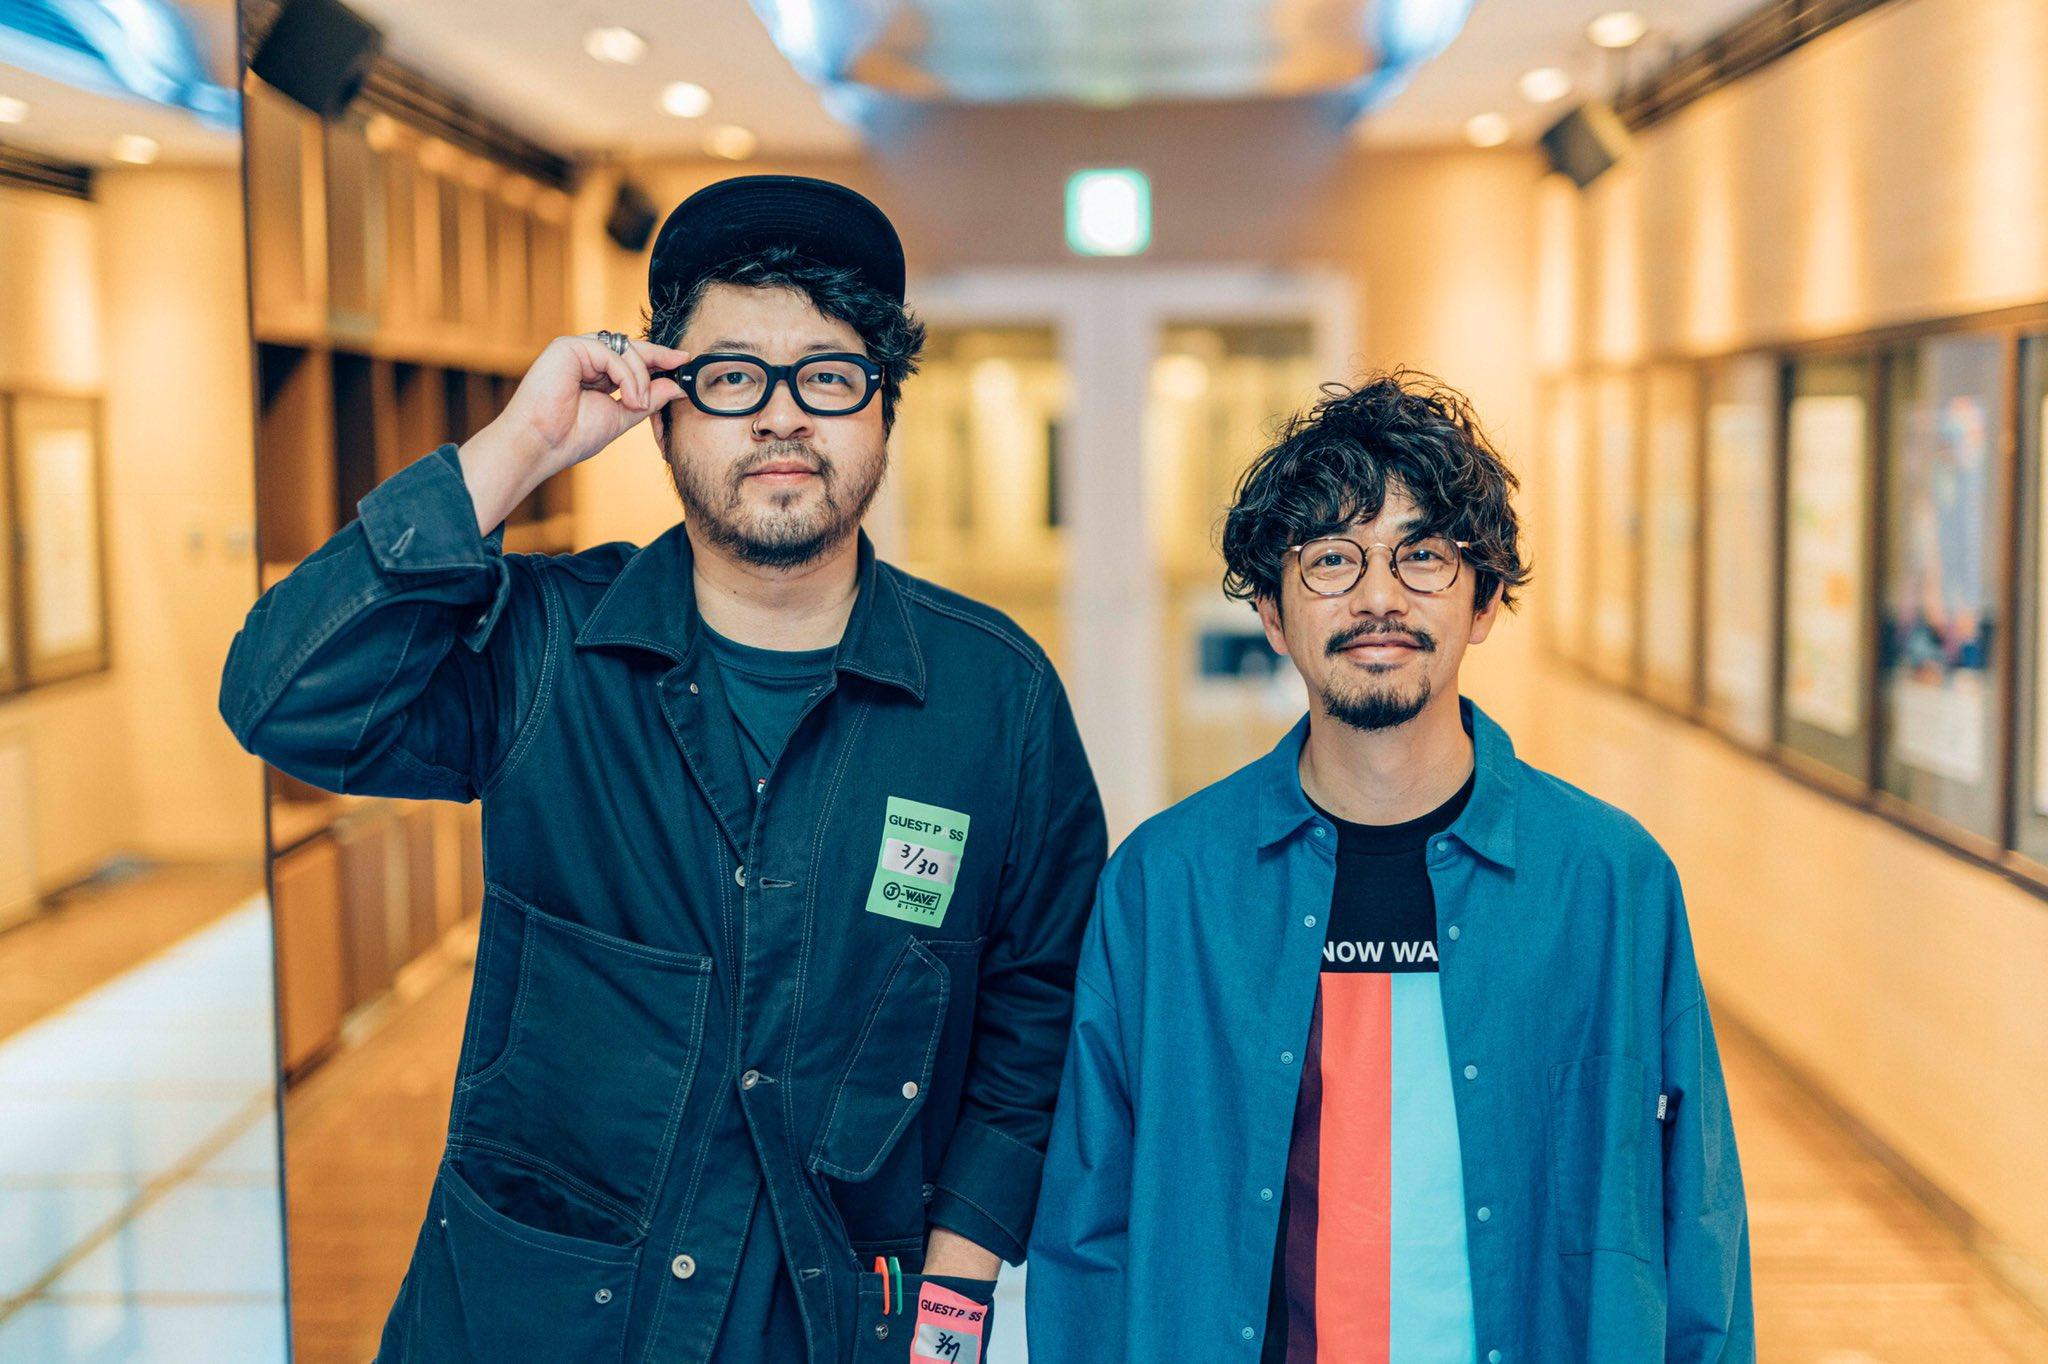 アジカン・後藤とAR三兄弟・川田が「AI美空ひばり」について議論  テクノロジー×音楽の未来は